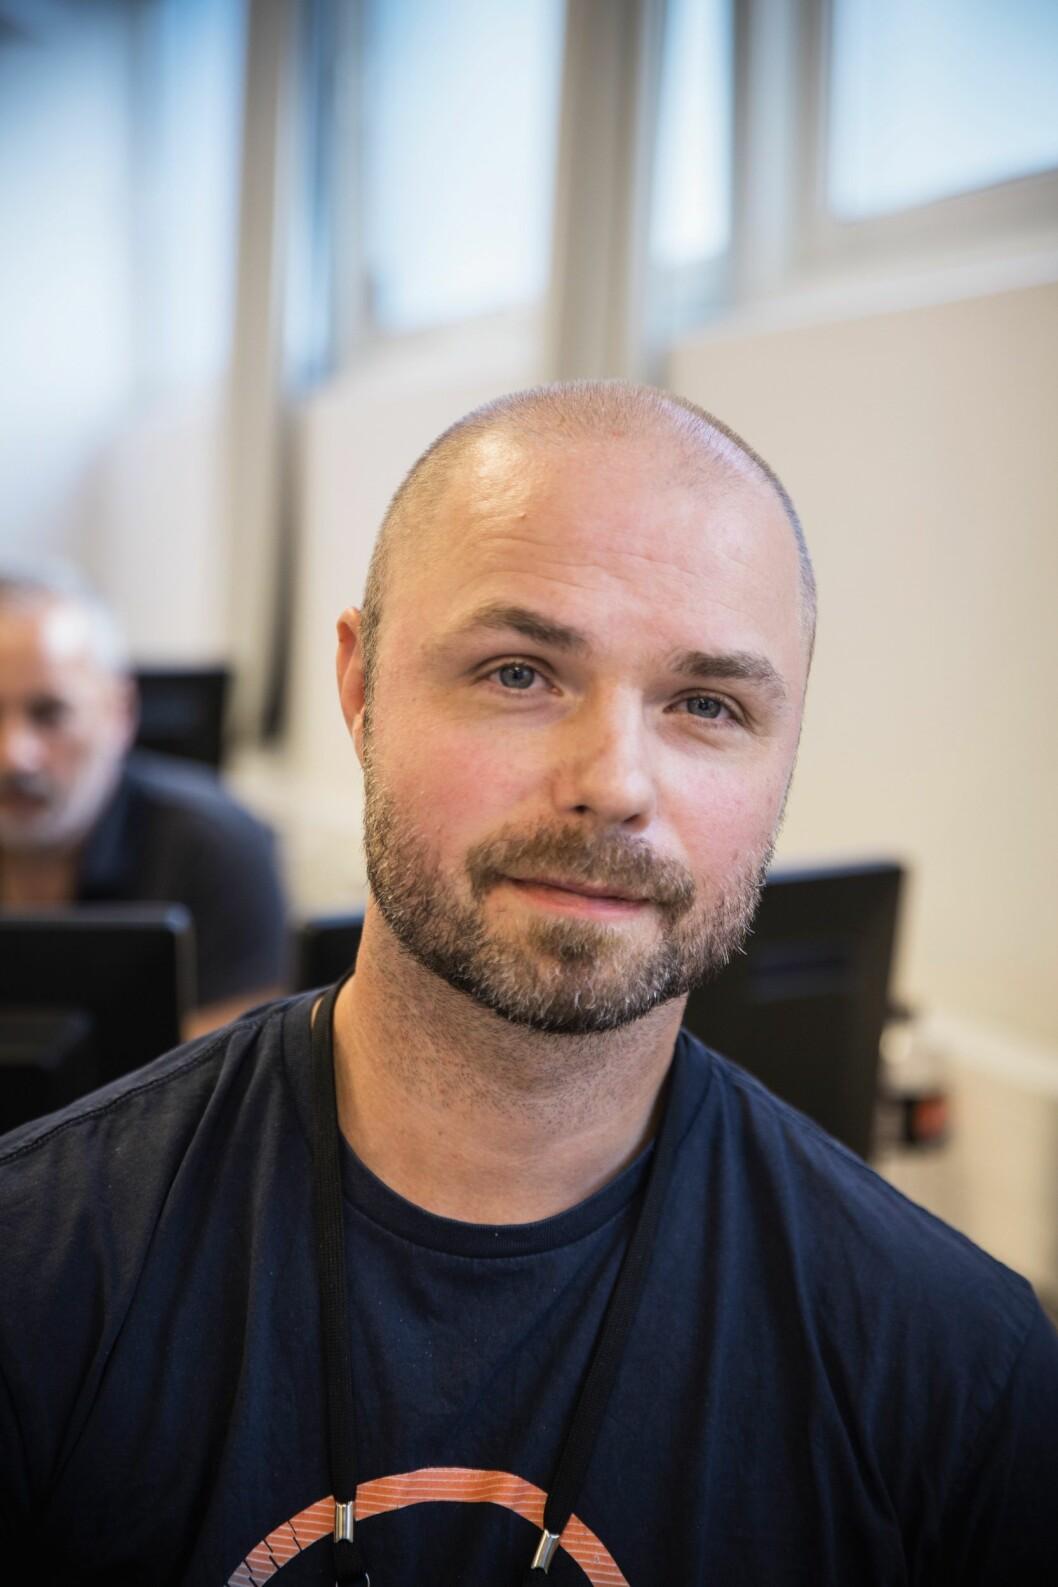 Politibetjent Trond Hangaas fra operasjonssentralen i Trøndelag.